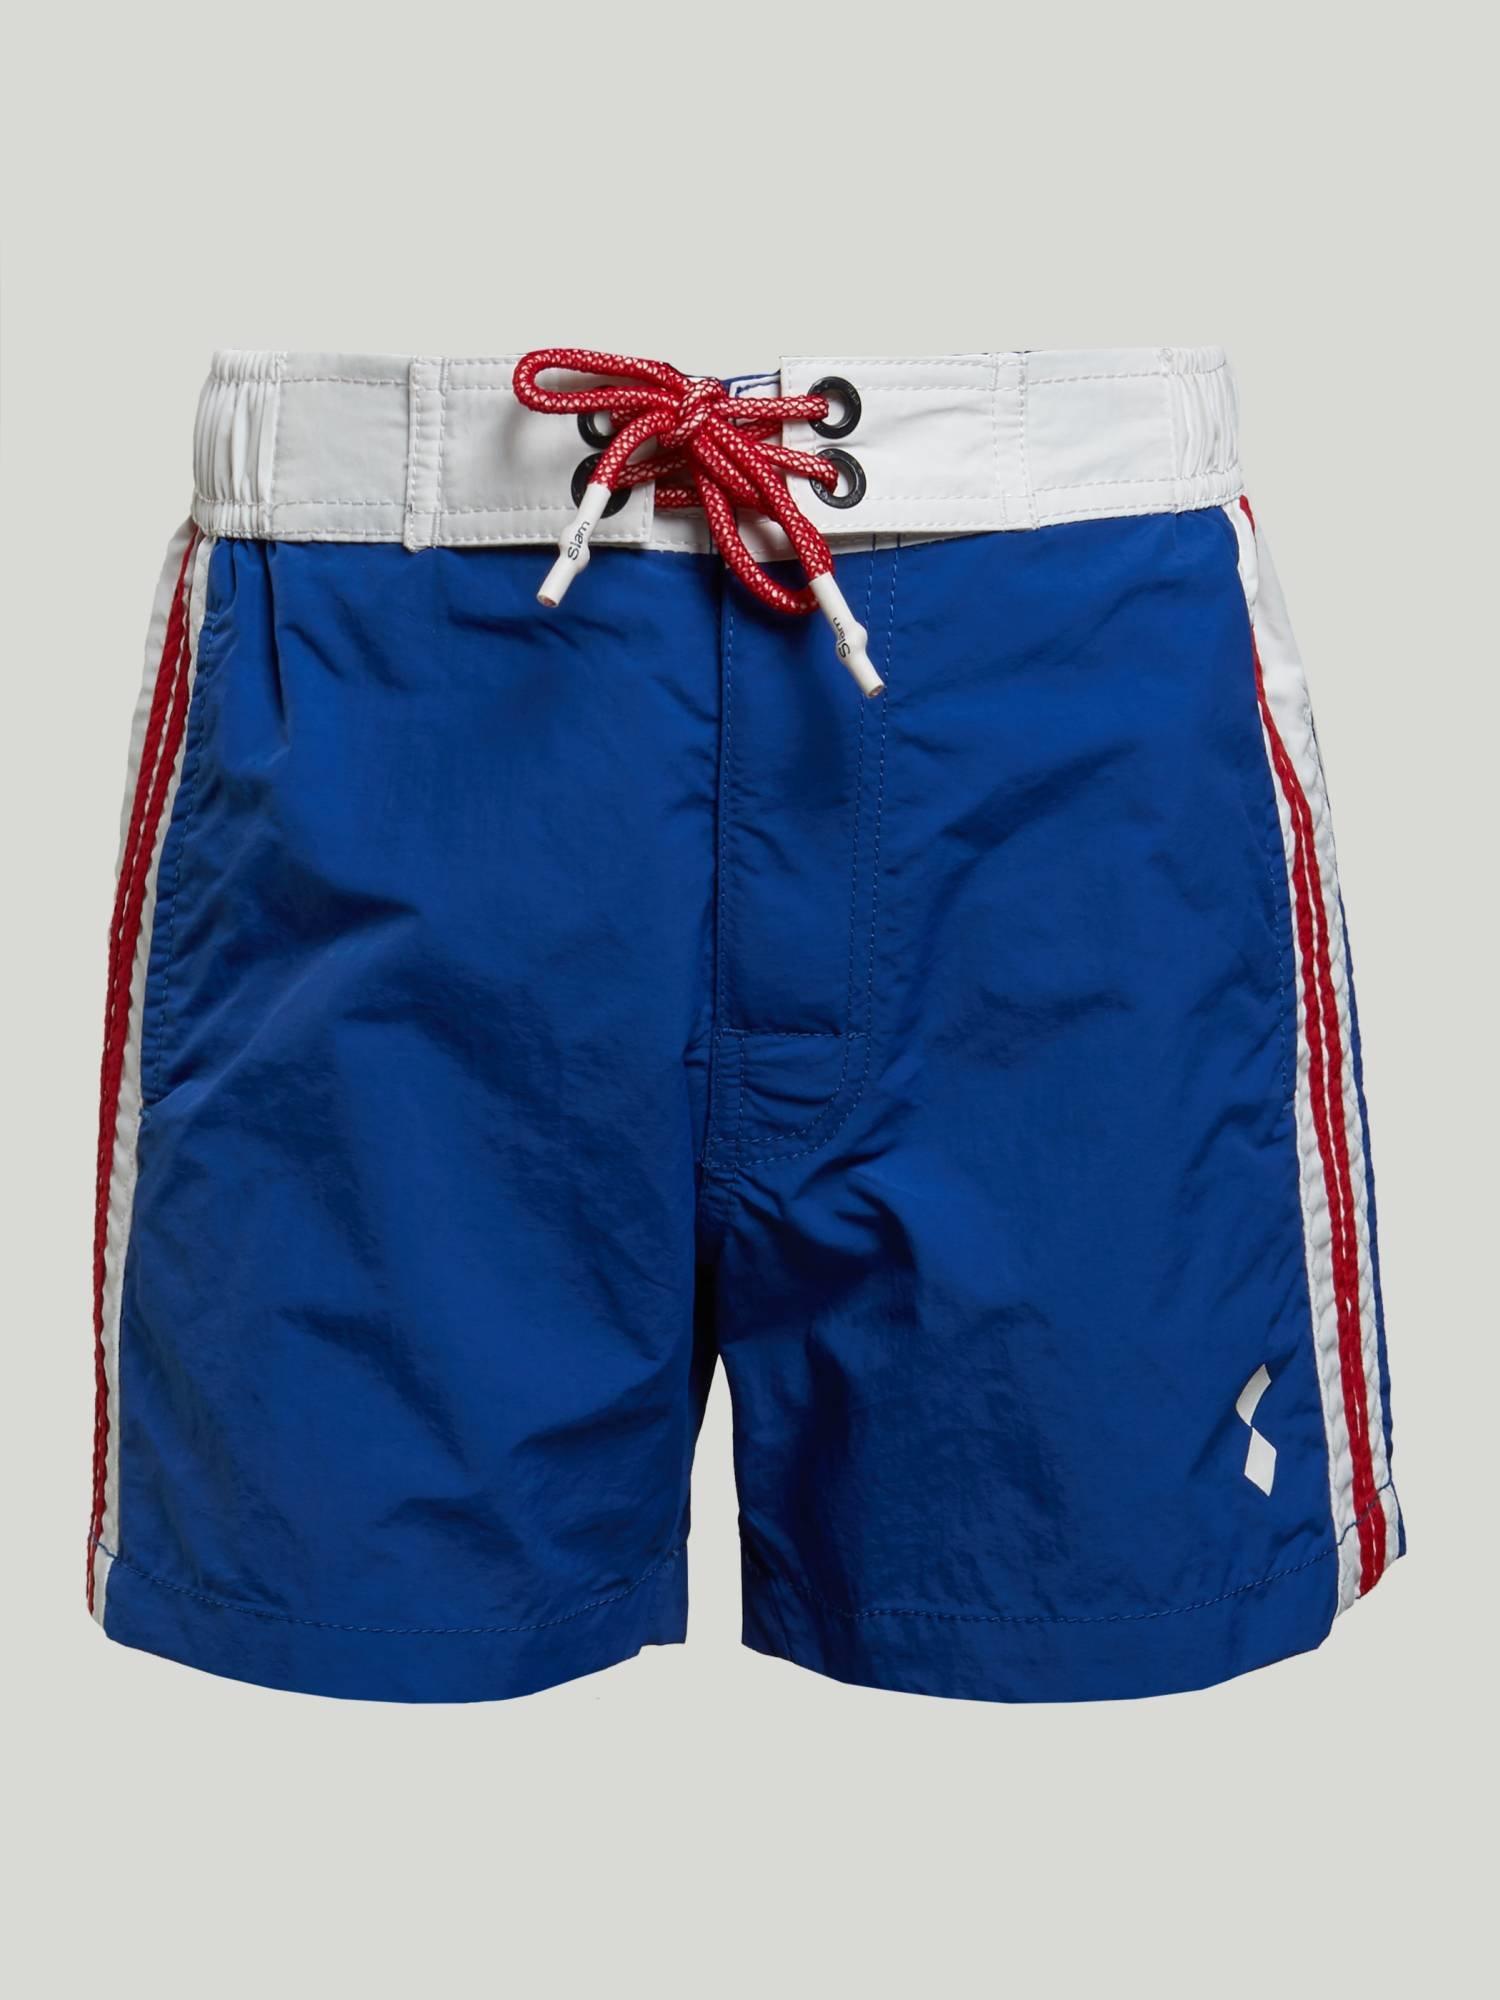 Swimsuit Jr A63 - Marineblau